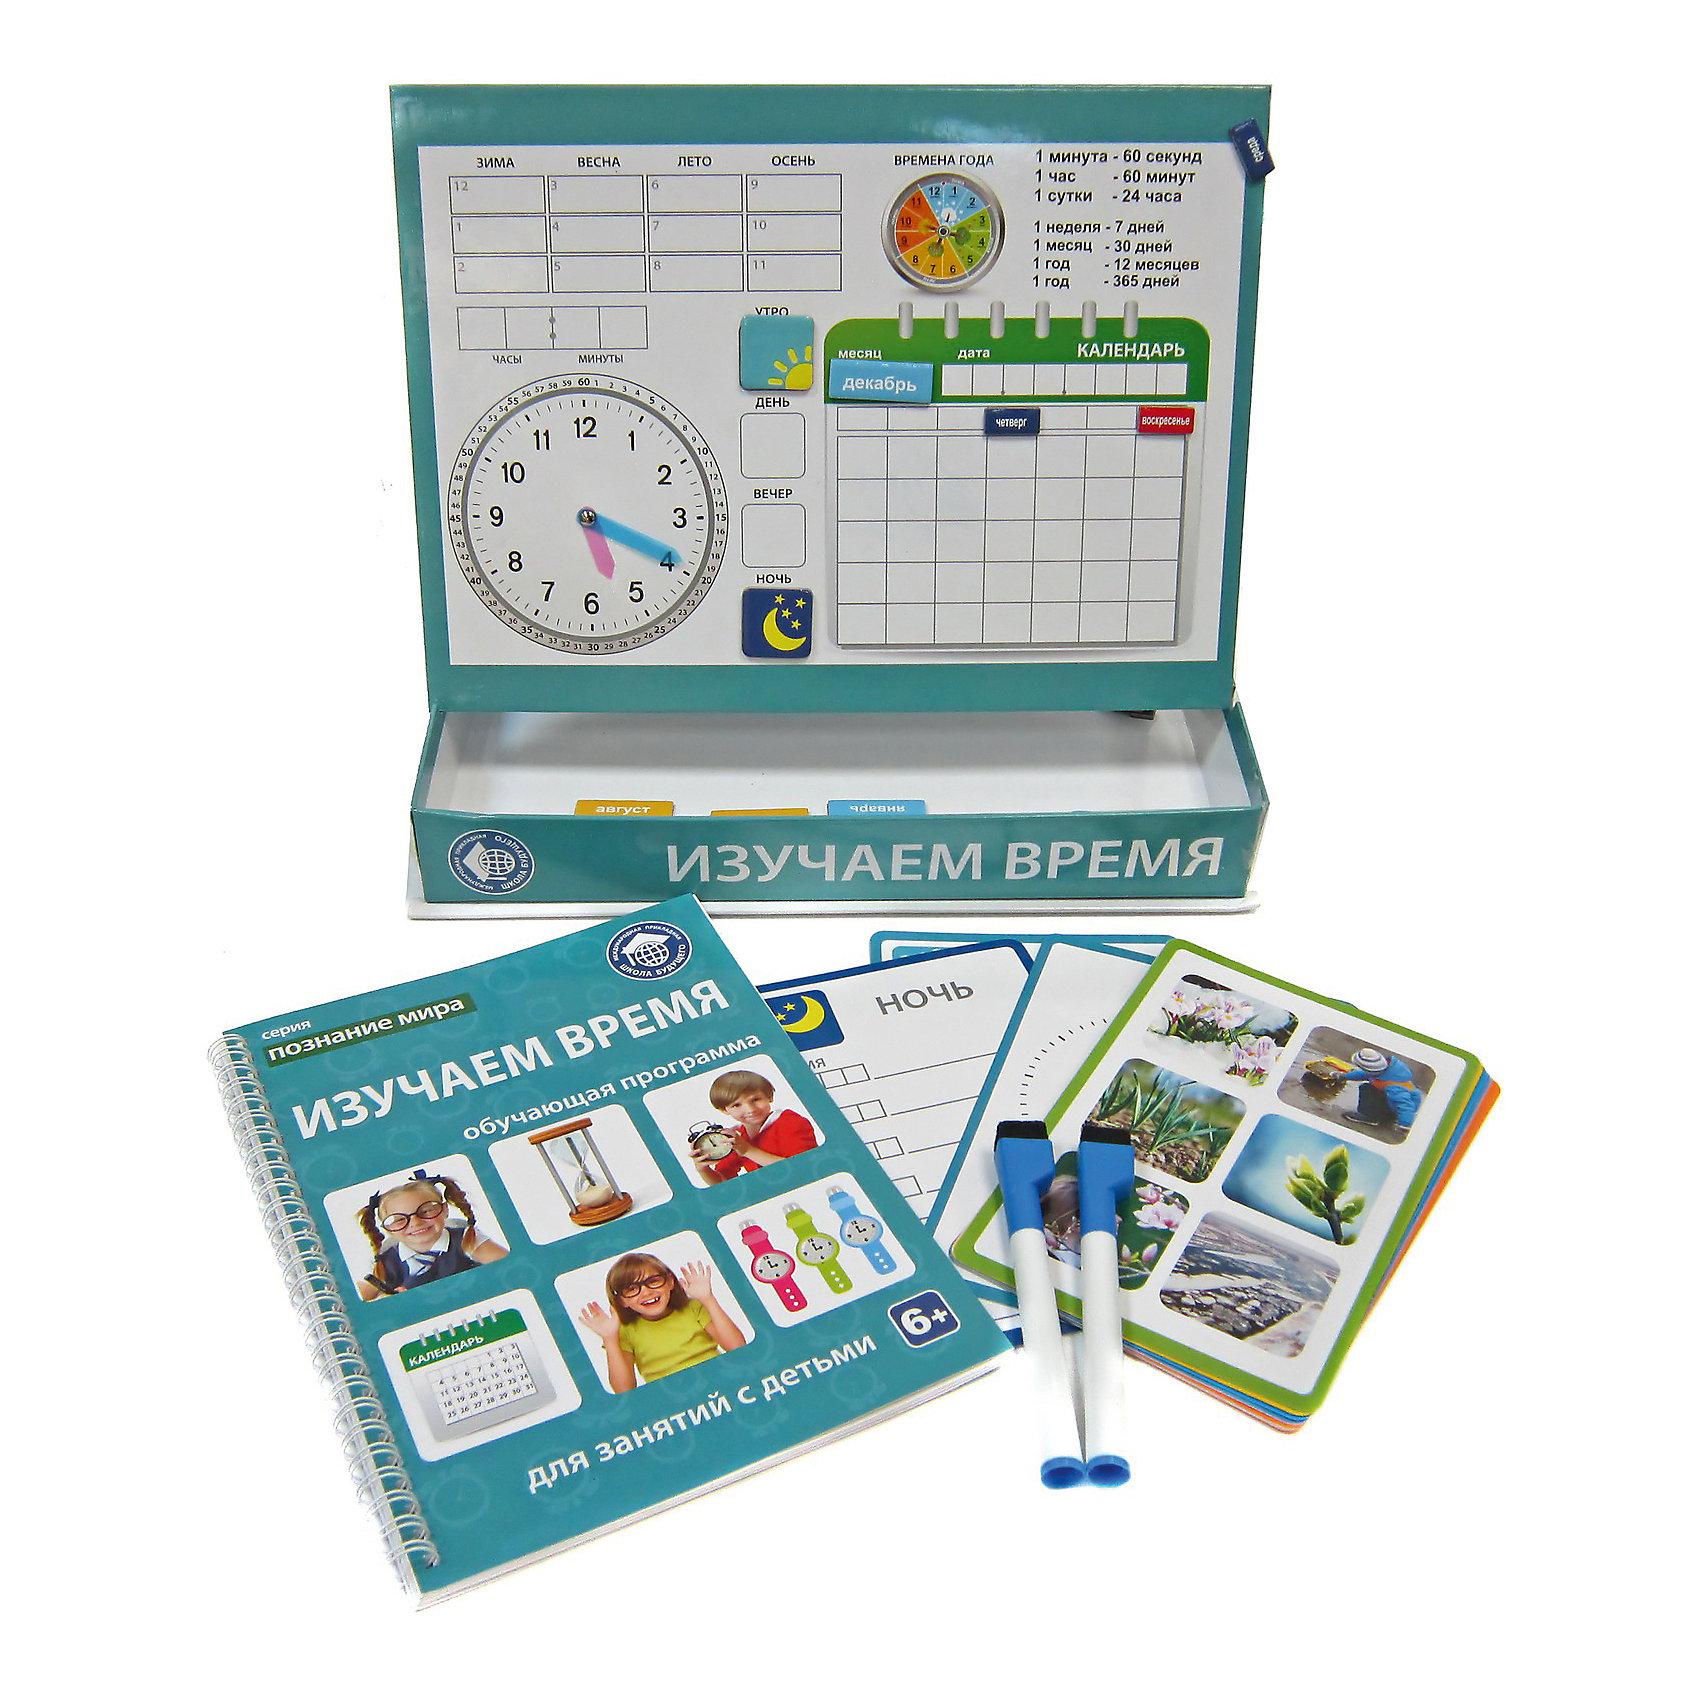 Обучающий набор «Изучаем время: часы и календарь»Книги для развития мышления<br>Обучающий набор «ИЗУЧАЕМ ВРЕМЯ: часы и календарь» позволит ребенку научиться пользоваться календарем и определять время по часам. Дополнительно ребенок научится основам планирования, а также познакомиться с такими понятиями, как «сегодня», «вчера», «завтра» и «сейчас», узнает что такое прошлое, настоящее и будущее, сможет выучить месяцы, дни недели в правильной последовательности. Если проводить обучение в игровой форме, то все будет гораздо увлекательнее.<br>В комплект входит: 1 магнитная доска для занятий, 27 магнитов, 20 обучающих карточек, 2  маркера «пиши-стирай», обучающая программа (книжка для родителей).<br>Обучающий набор продается в картонной упаковке. Ее размер: 24,5х33з5 см.<br>Рекомендуется детям старше шести лет.<br><br>Ширина мм: 330<br>Глубина мм: 50<br>Высота мм: 245<br>Вес г: 1080<br>Возраст от месяцев: 36<br>Возраст до месяцев: 72<br>Пол: Унисекс<br>Возраст: Детский<br>SKU: 5426457